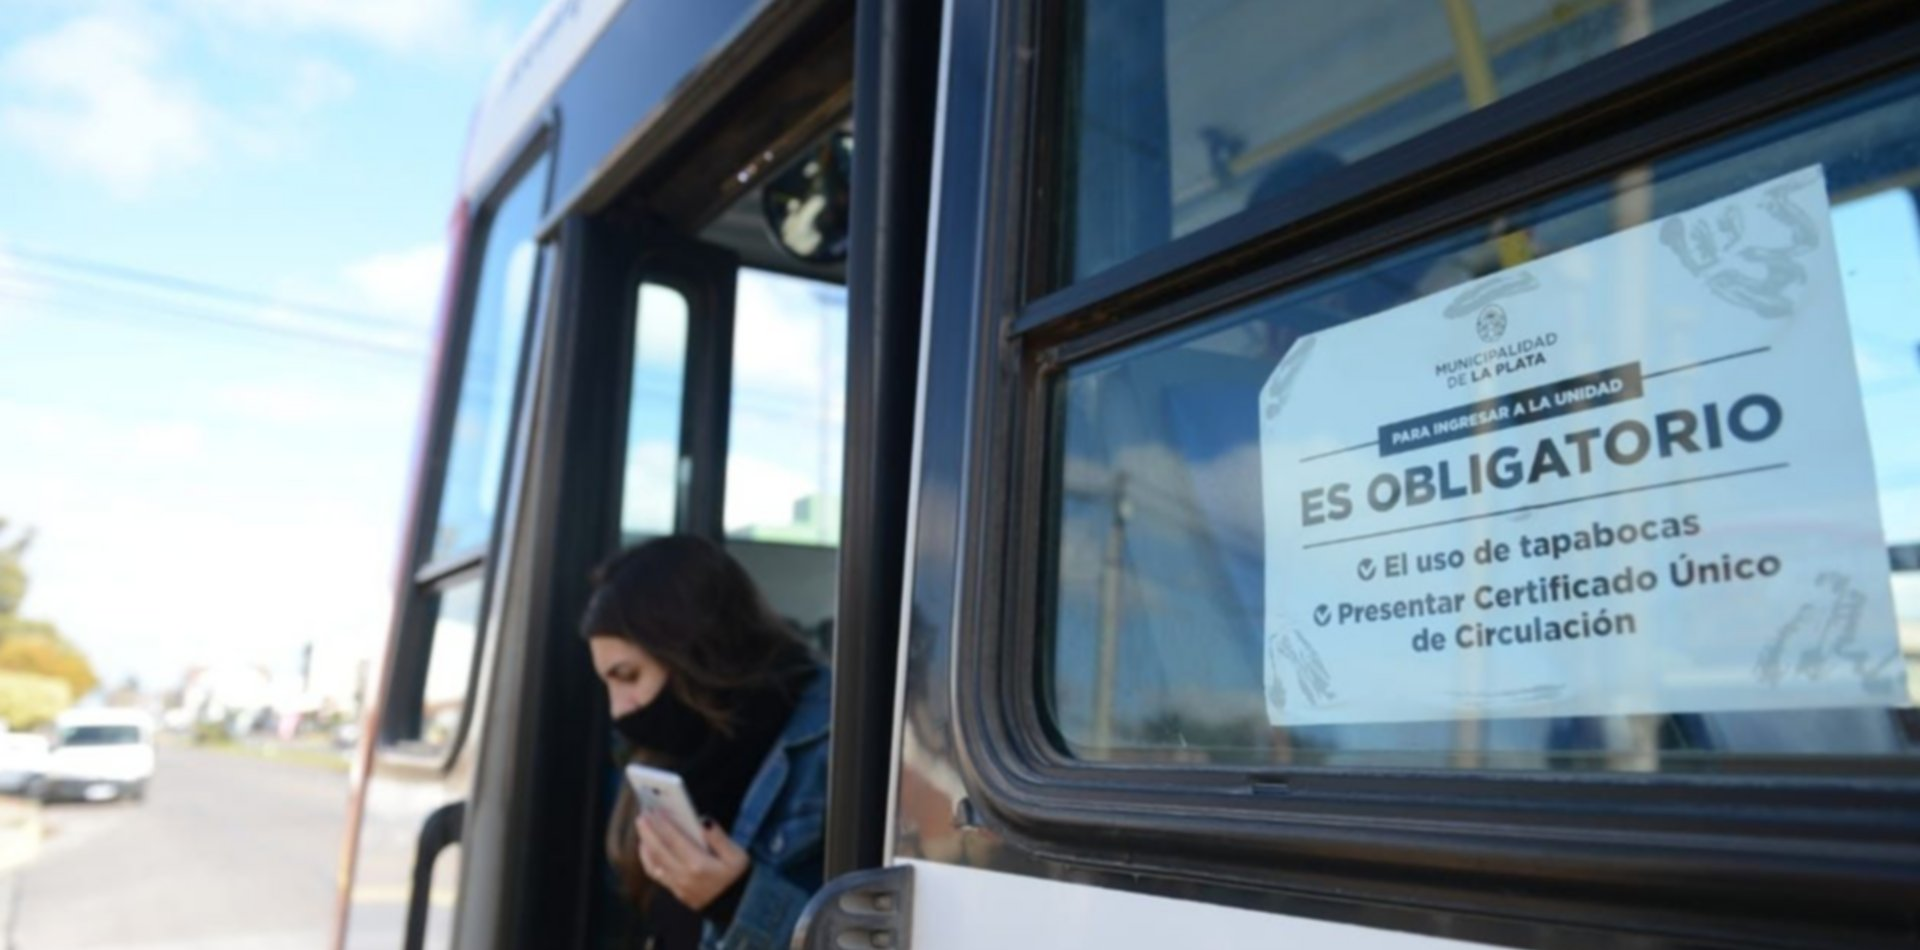 Habrá multas de hasta $133.250 para quienes circulen sin el permiso en La Plata